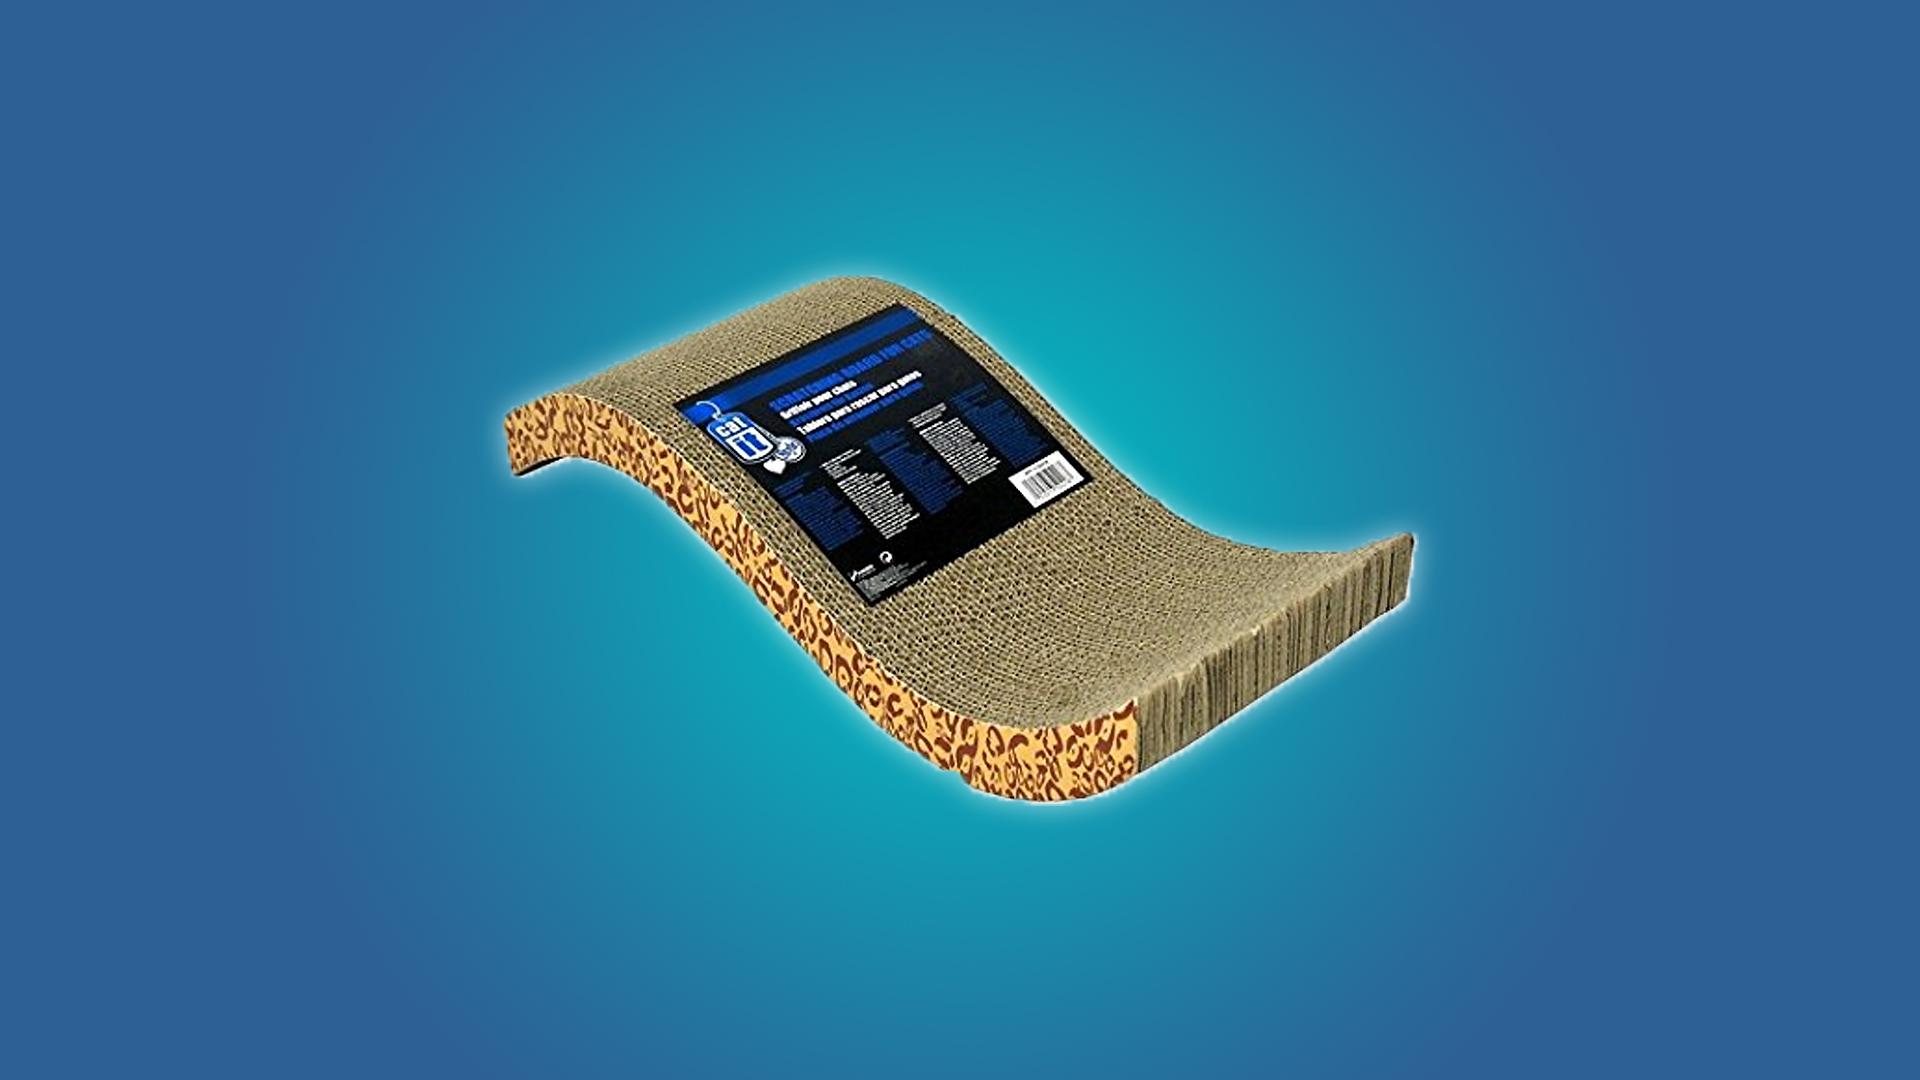 The Catit Cardboard Scratcher